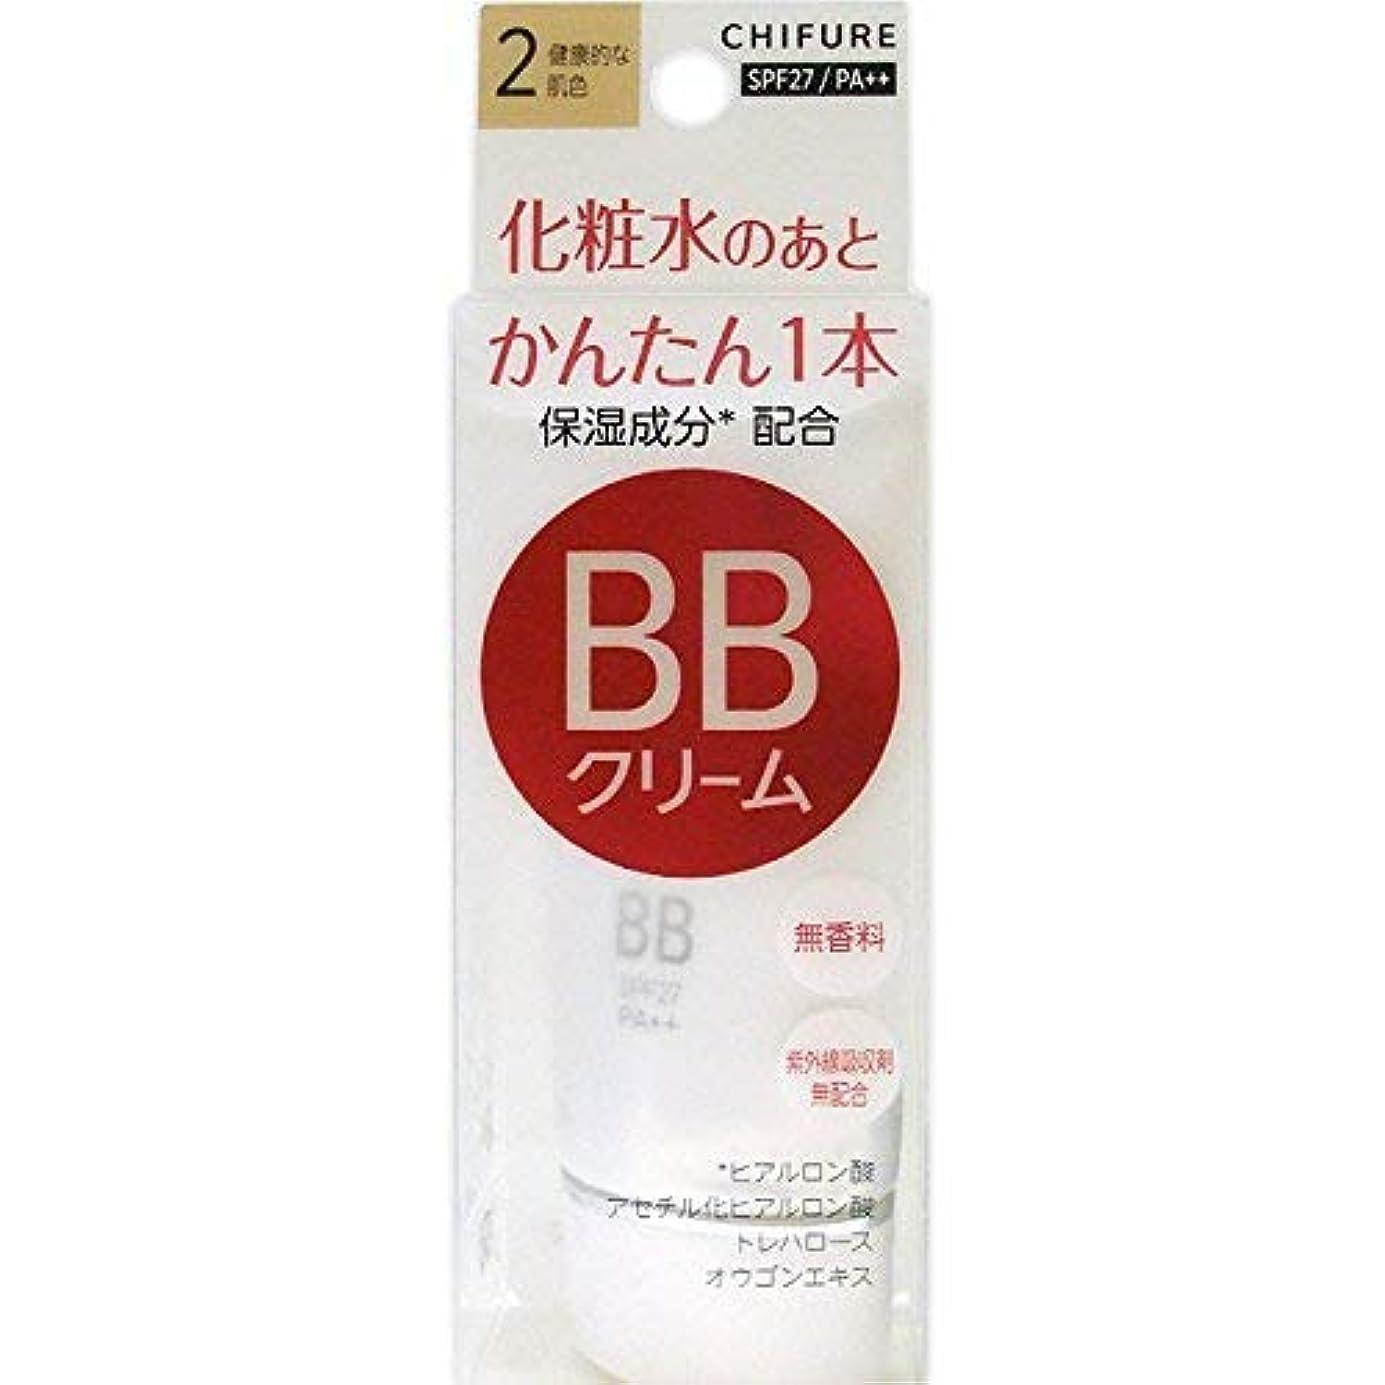 バウンドクレデンシャル判定ちふれ化粧品 BB クリーム 2 健康的な肌色 BBクリーム 2